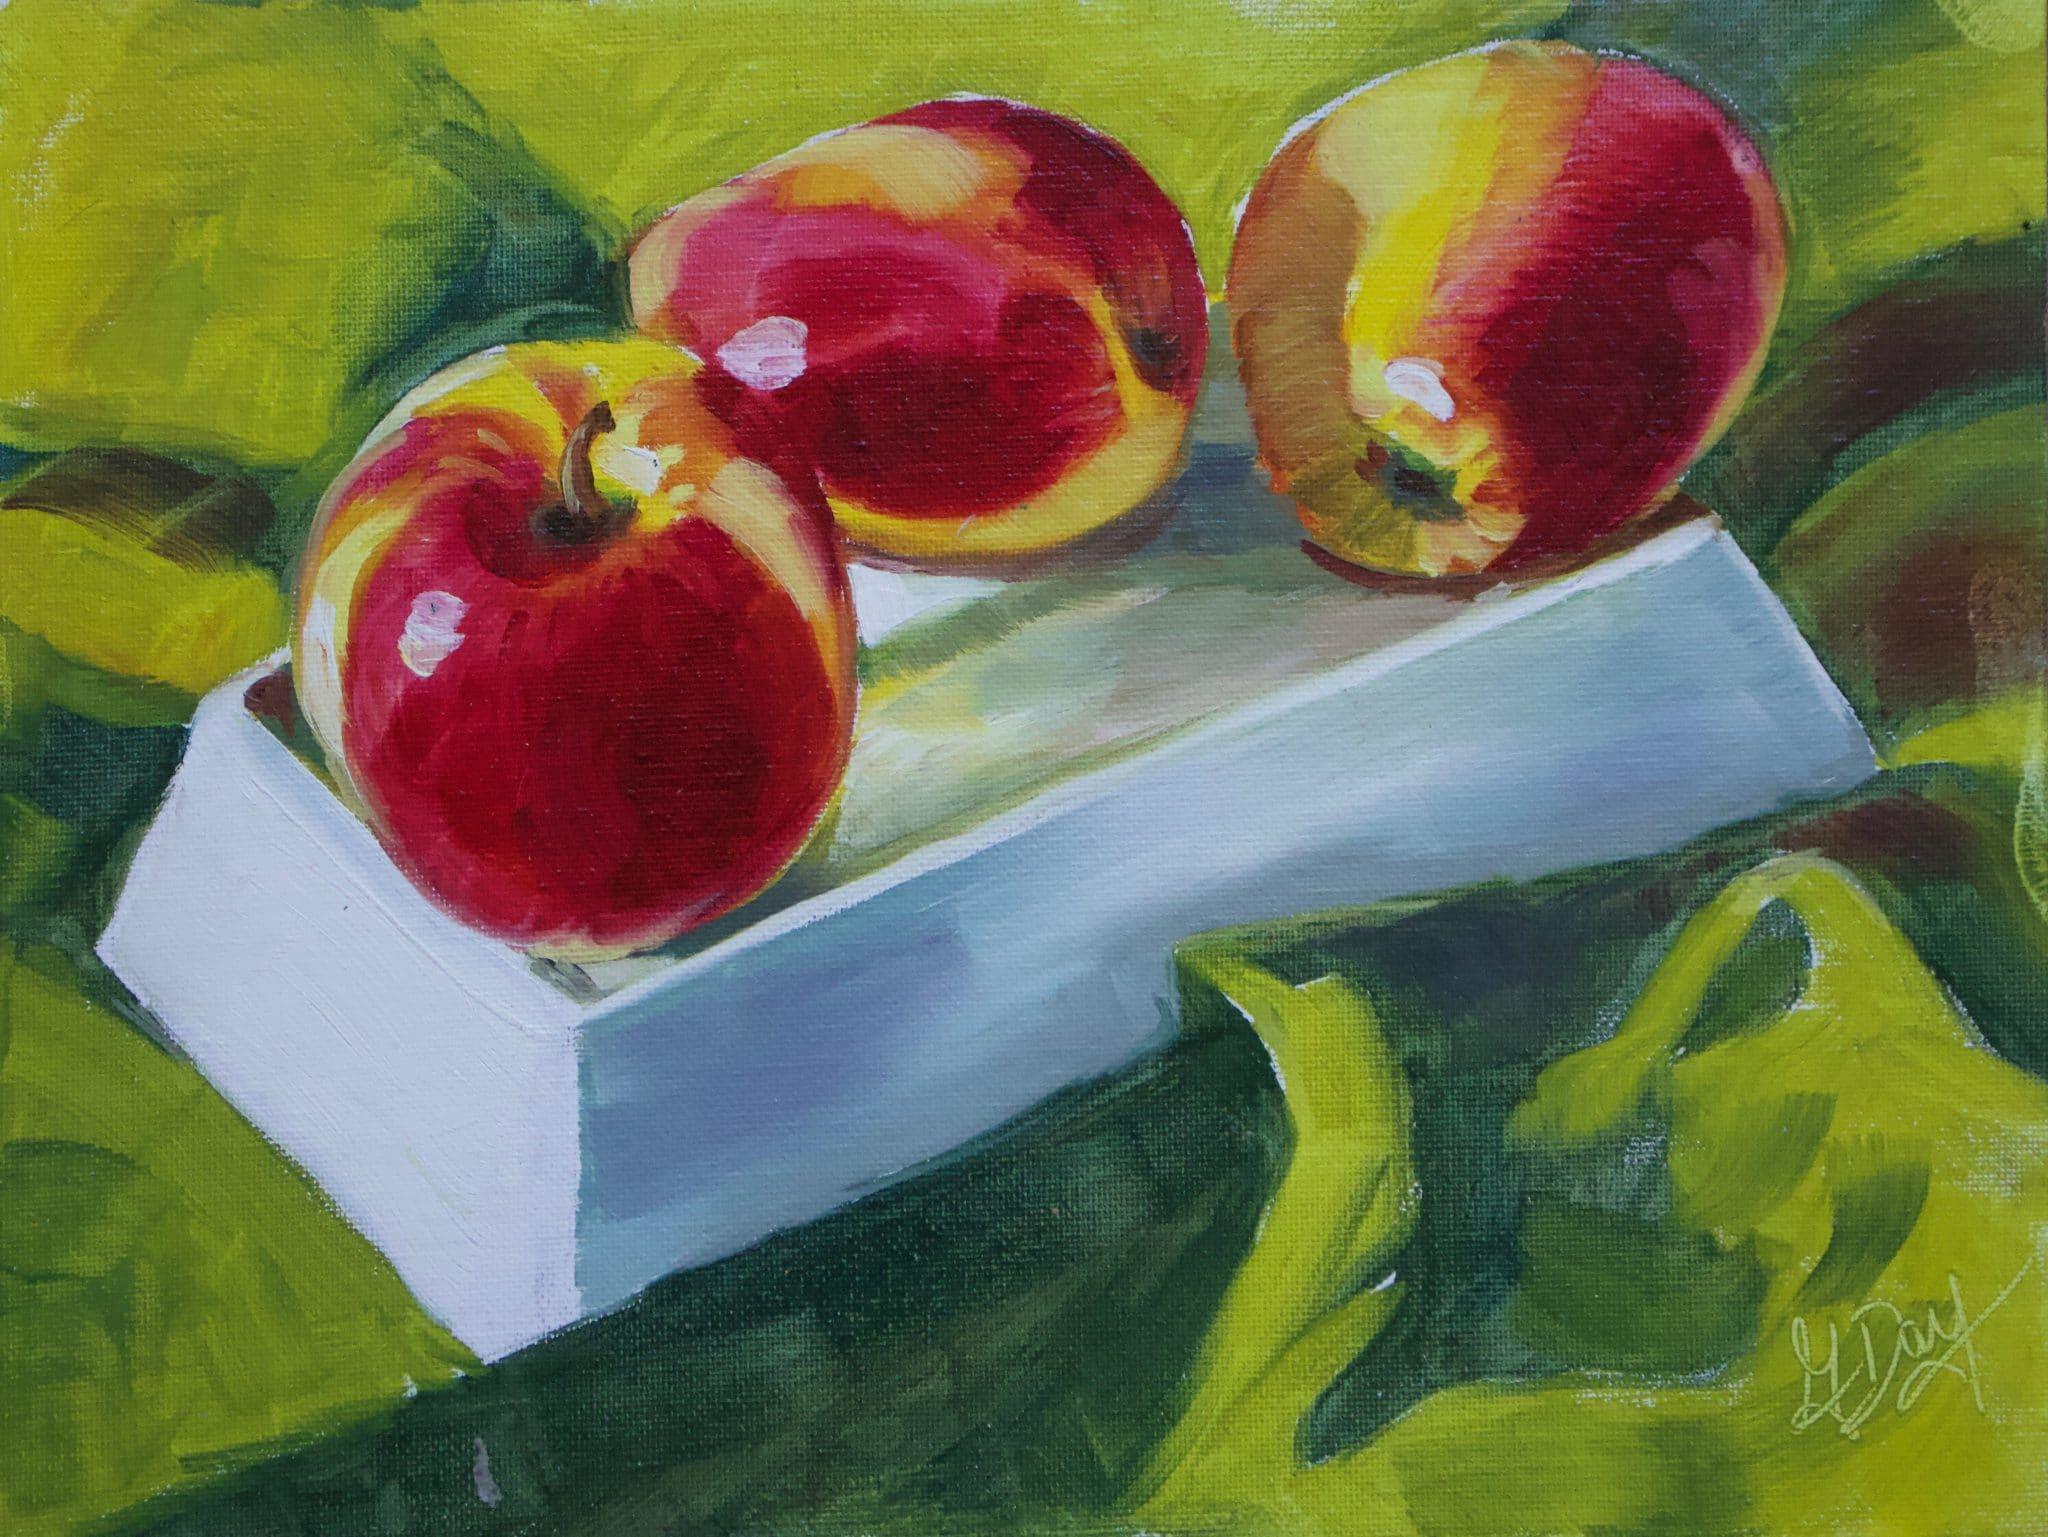 Apples in the Light 9x12 Oil ($275)